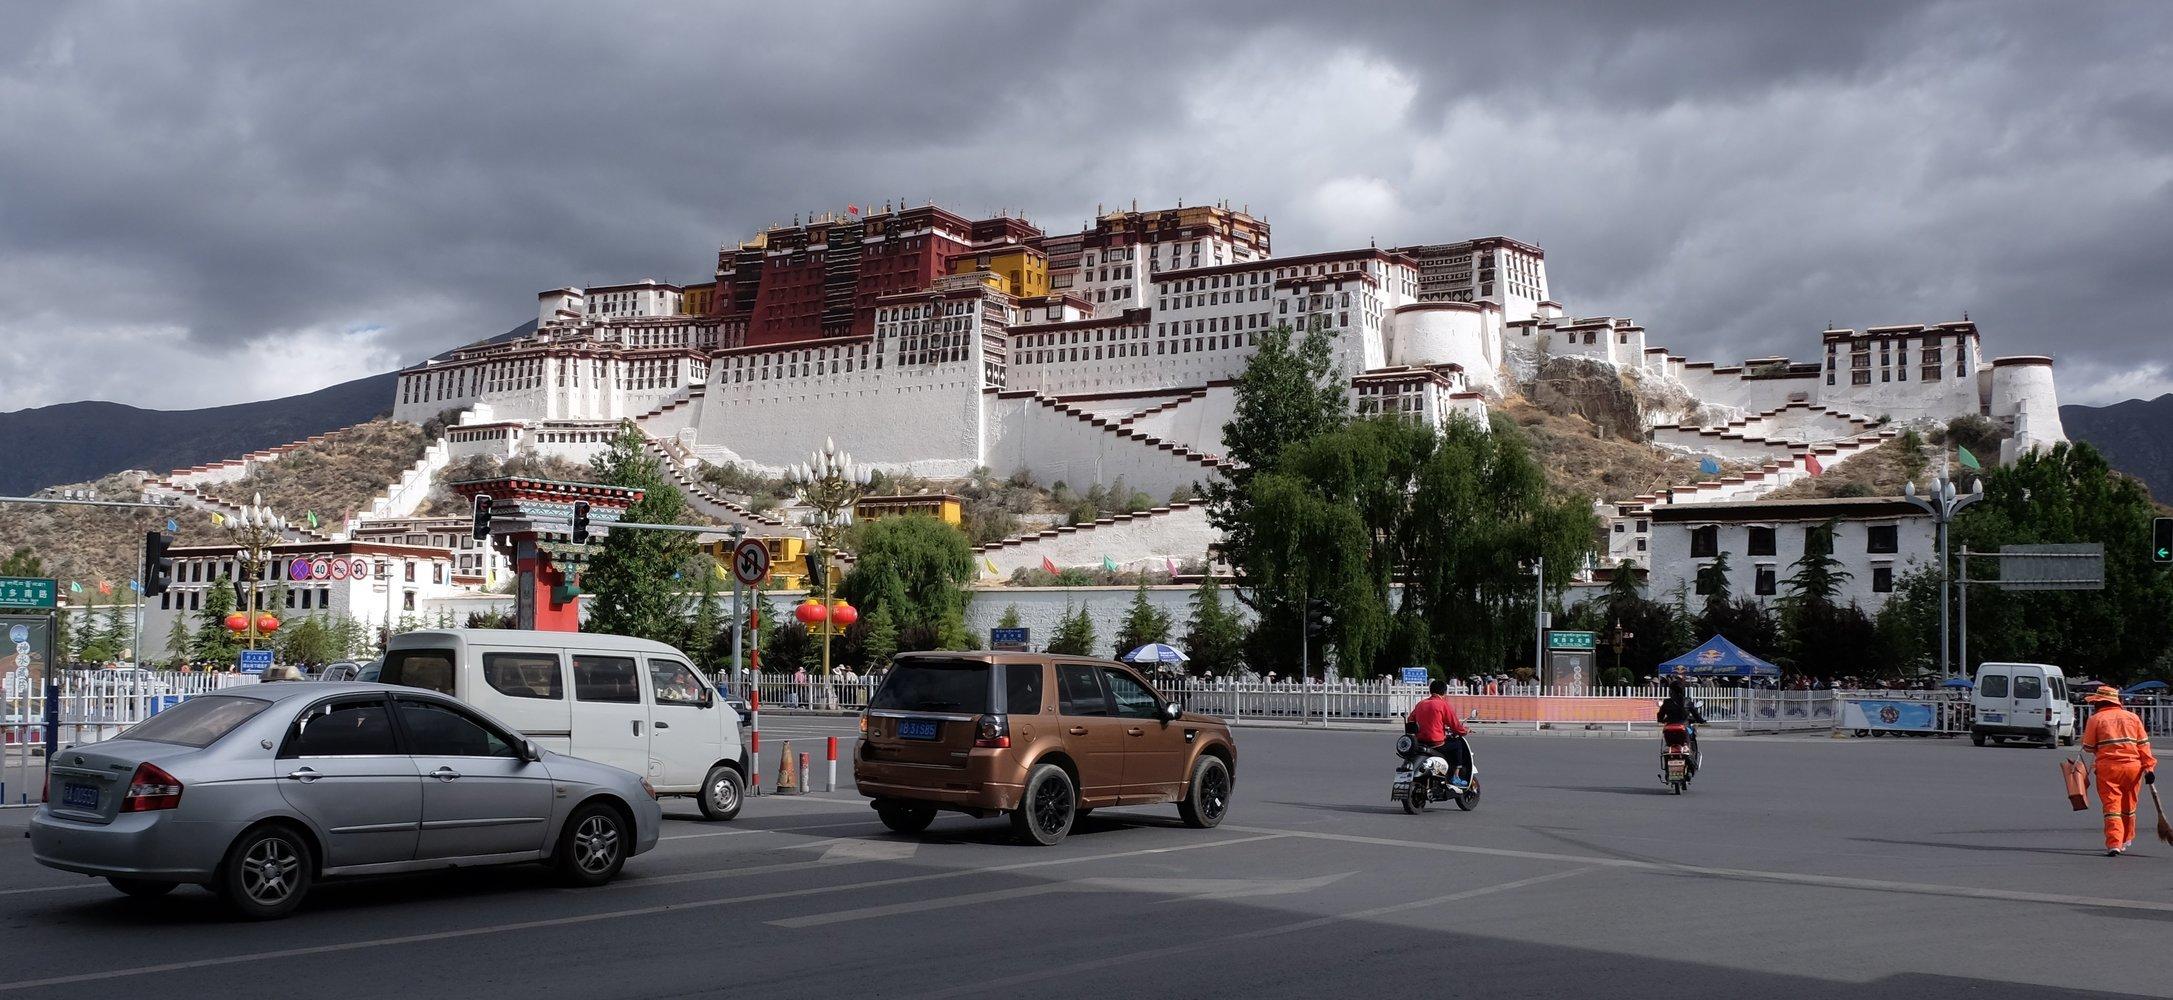 TIBET - LHASA & TSEDANG - 6 DAYS - Tour